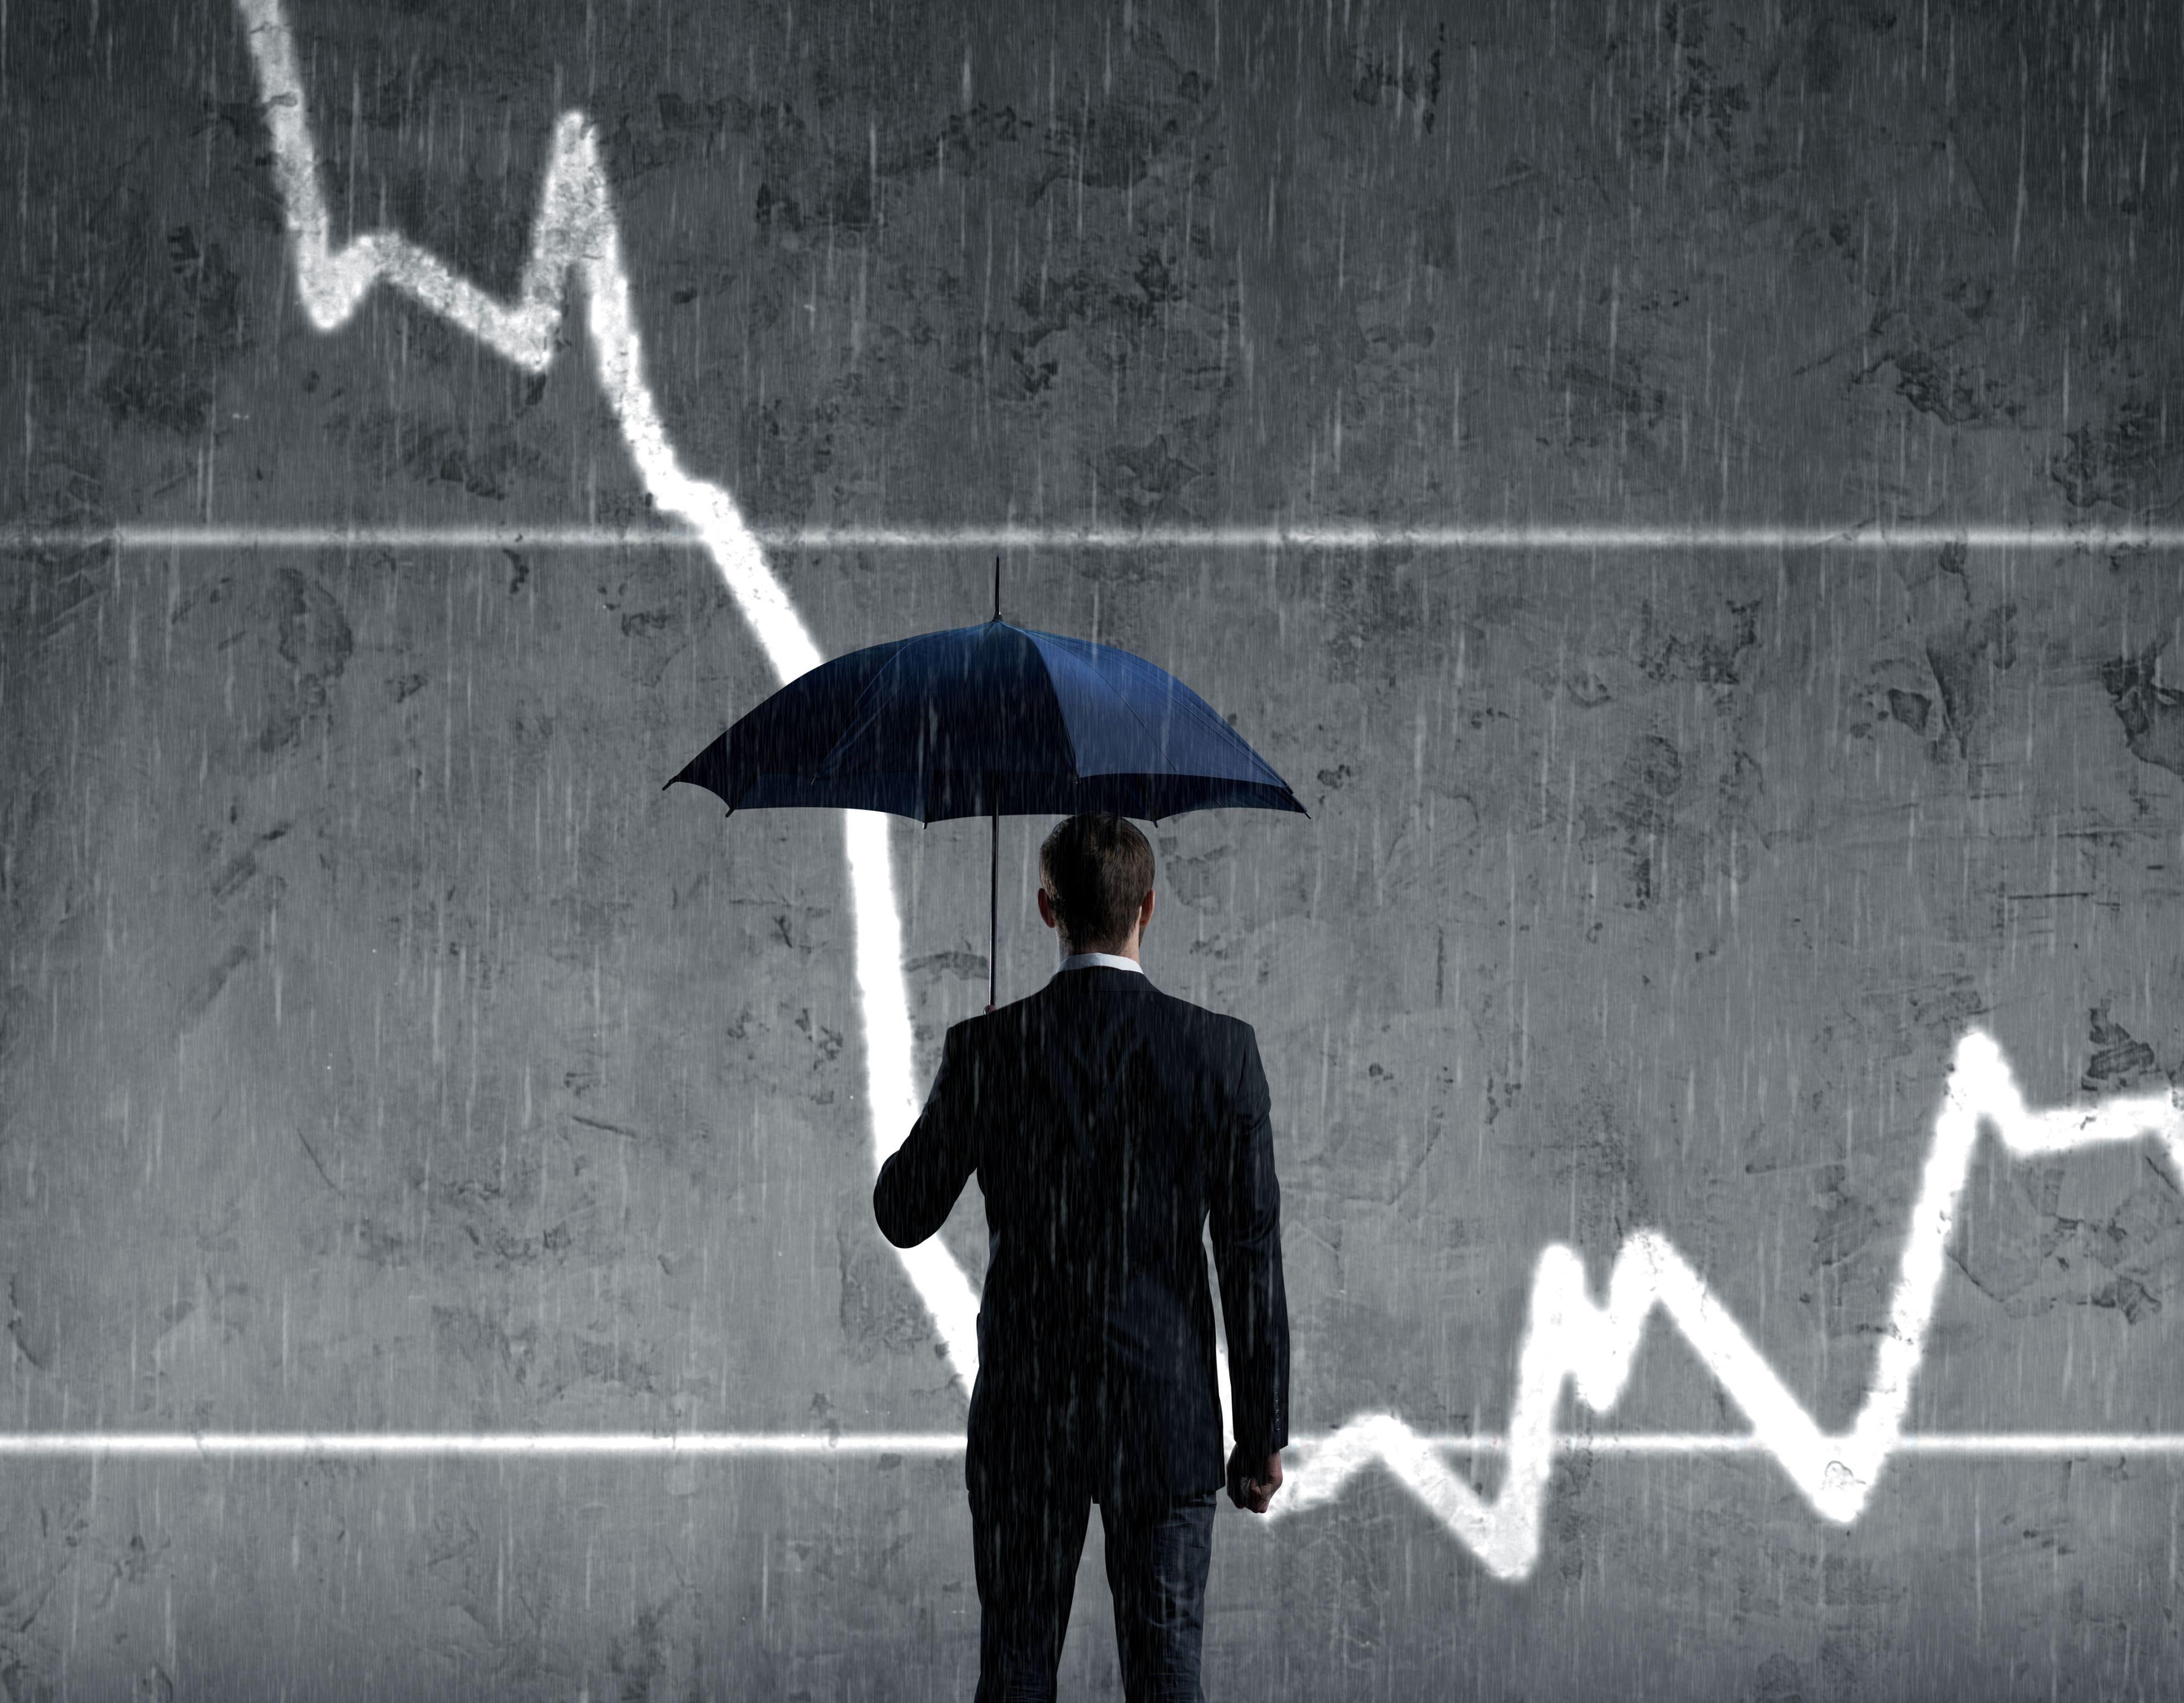 Wielu przedsiębiorców odnotowało wyraźny spadek obrotów – wywołany m.in. utratą płynności finansowej ich partnerów biznesowych czy też spadkiem poziomu zleceń. (Fot. Shutterstock)